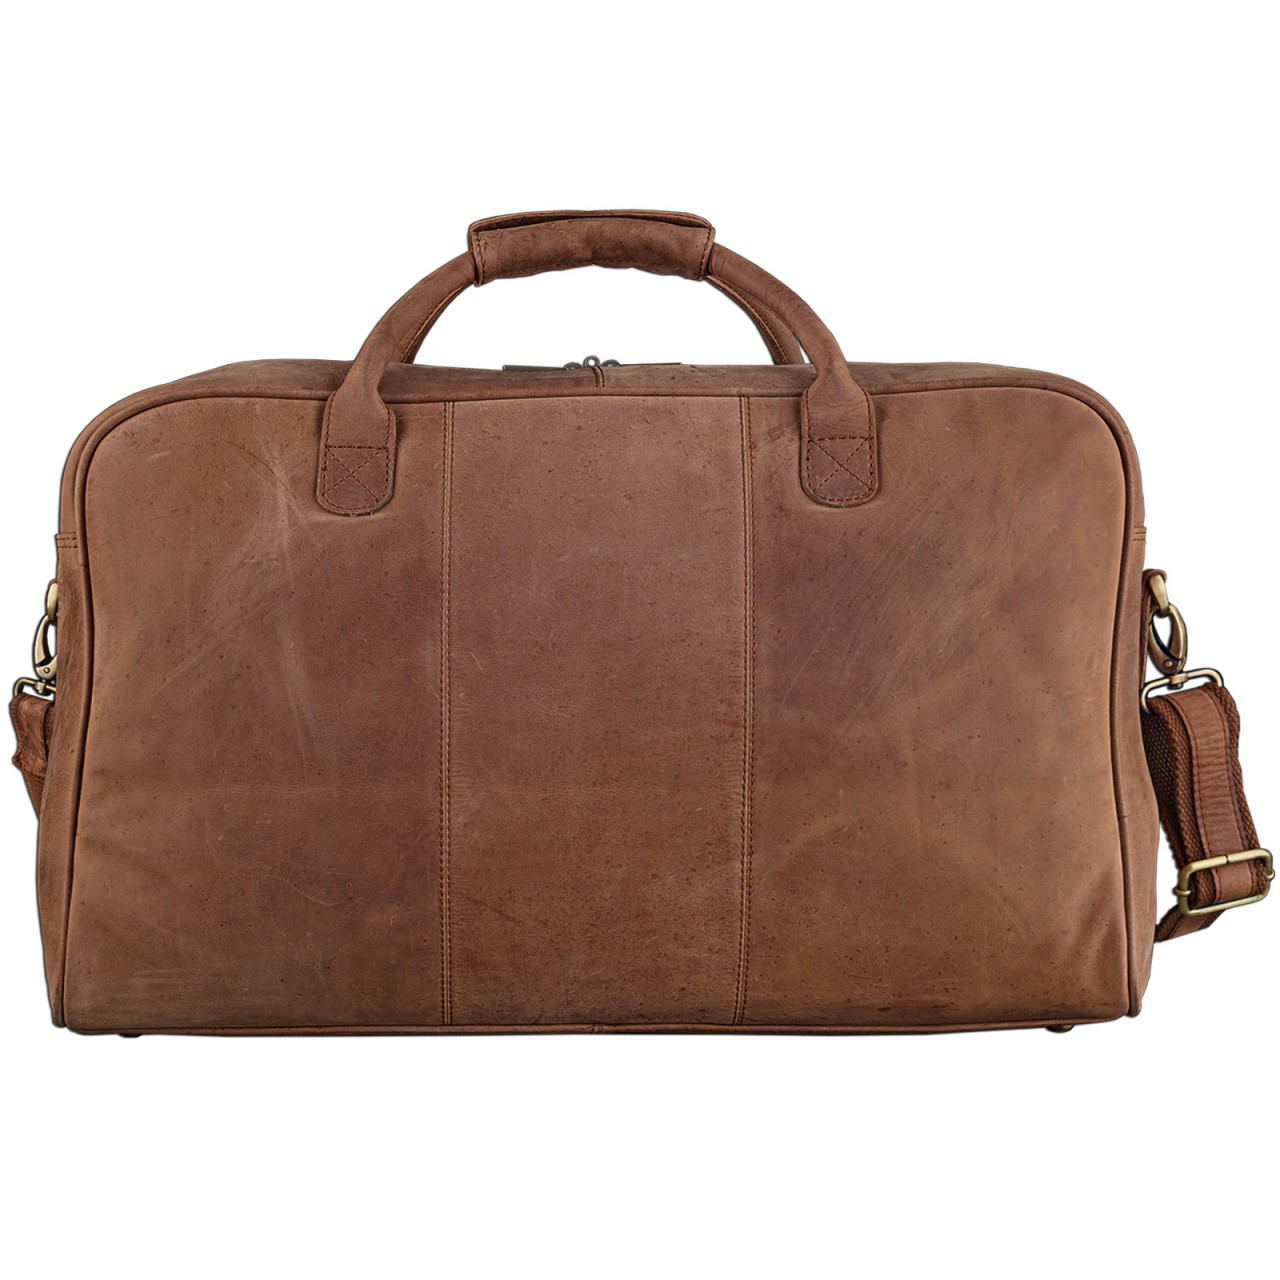 STILORD Vintage Reisetasche XXL groß Leder Weekend Bag Urlaub Retro Sporttasche Ledertasche mit 10.1 Zoll Tabletfach aus echtem Büffel-Leder braun - Bild 5